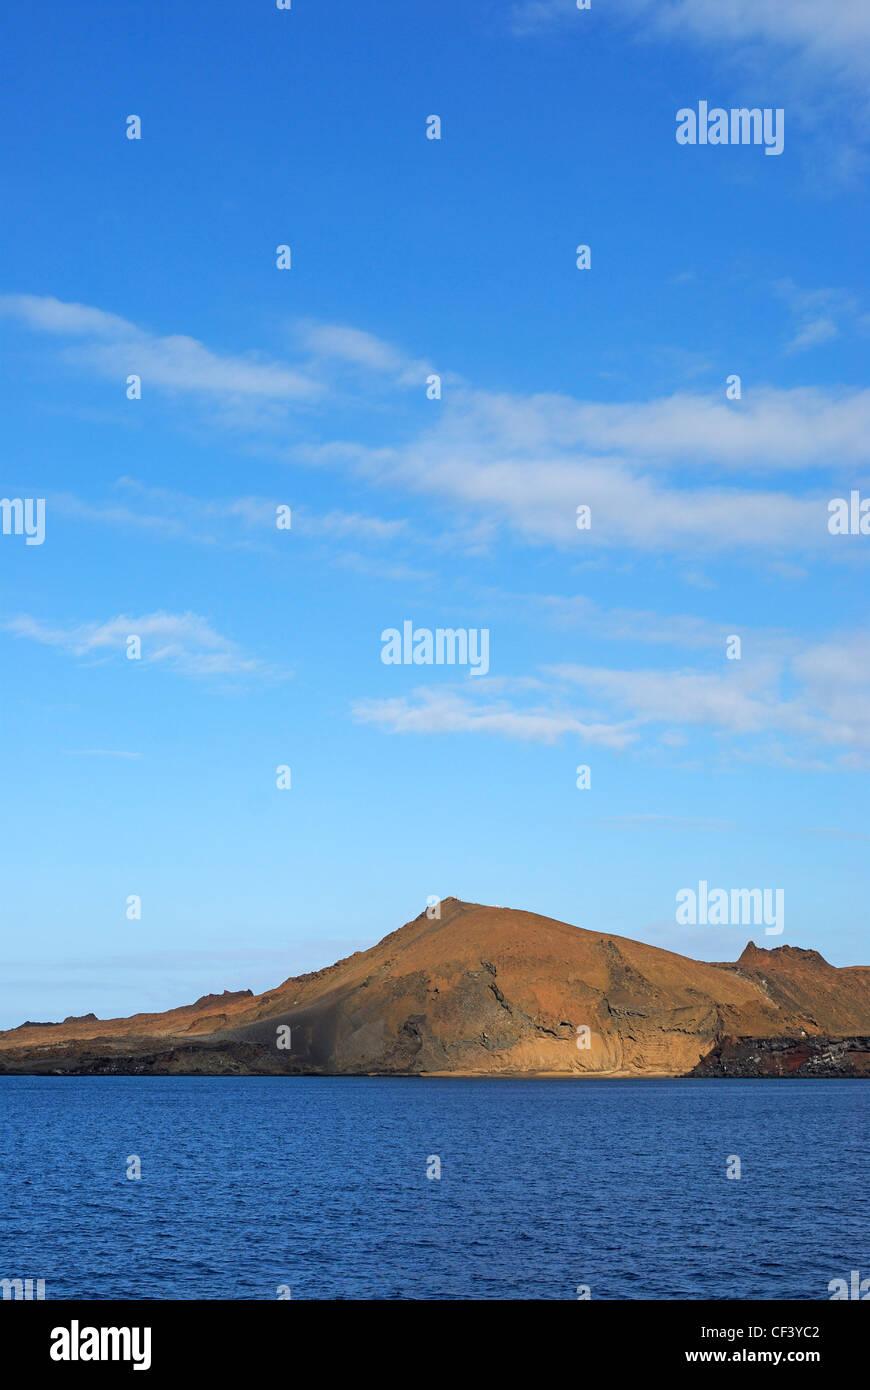 Bartolome Island, Galapagos Islands, Ecuador - Stock Image